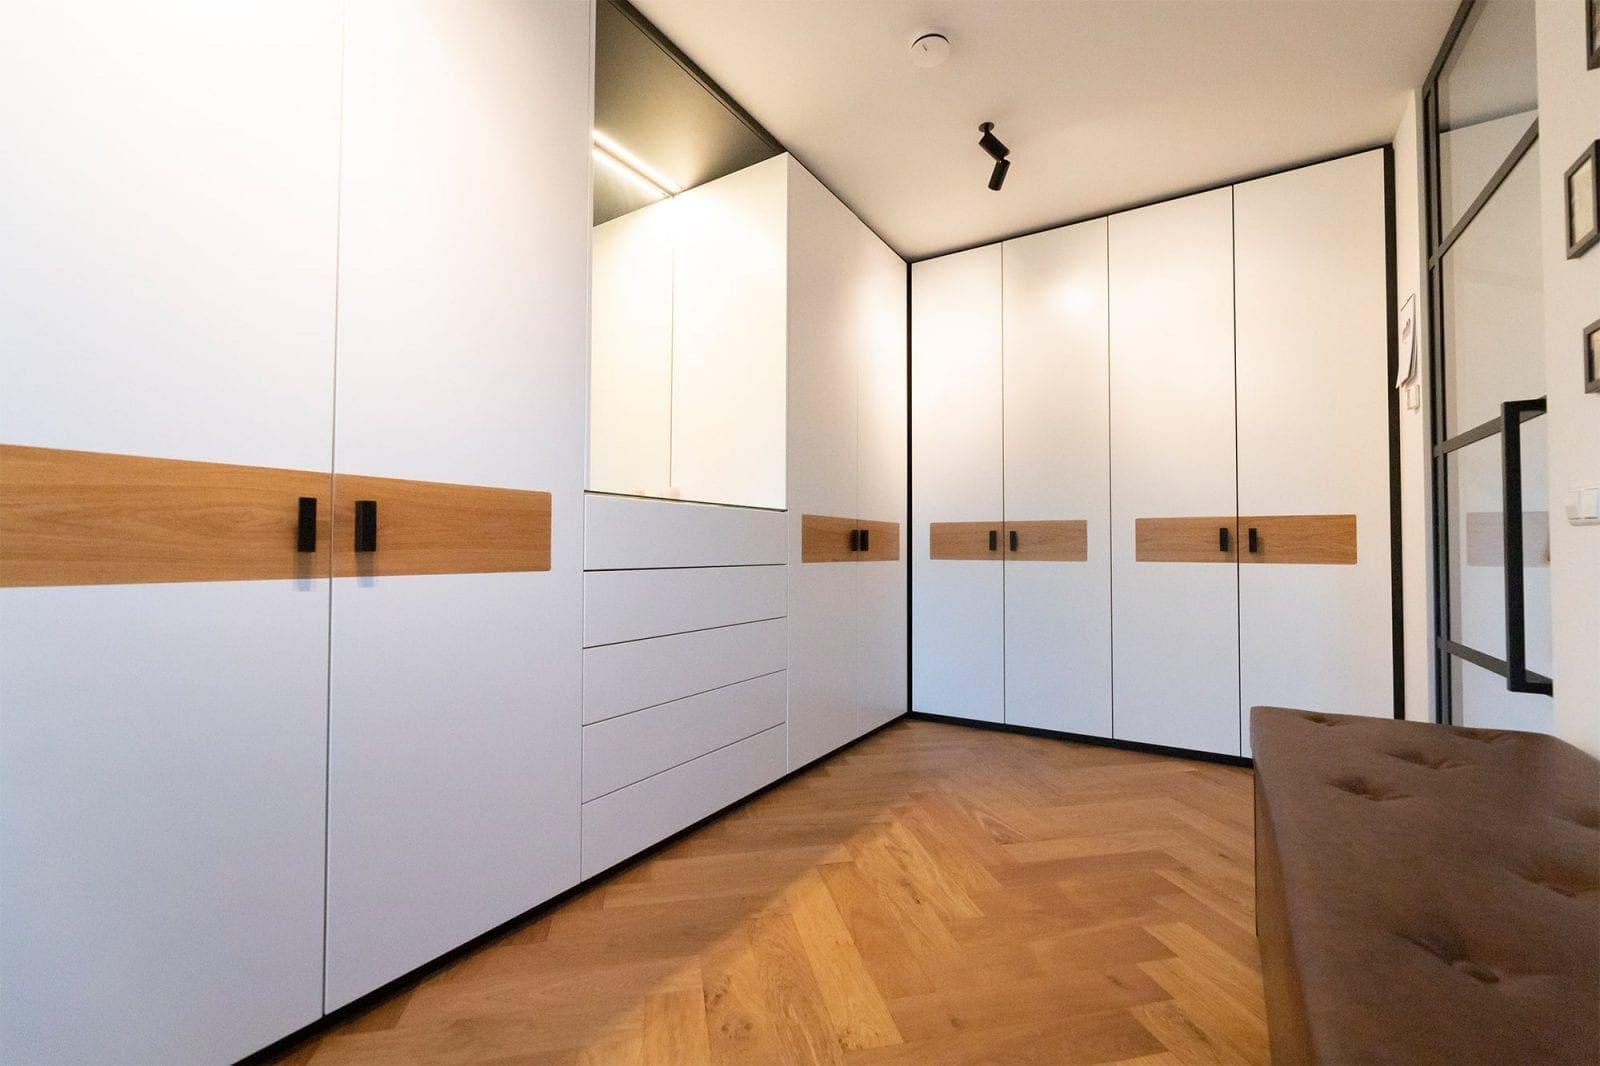 Interieurbouwer Schoonhoven Hebben En Moderne Witte Keuken Gemaakt